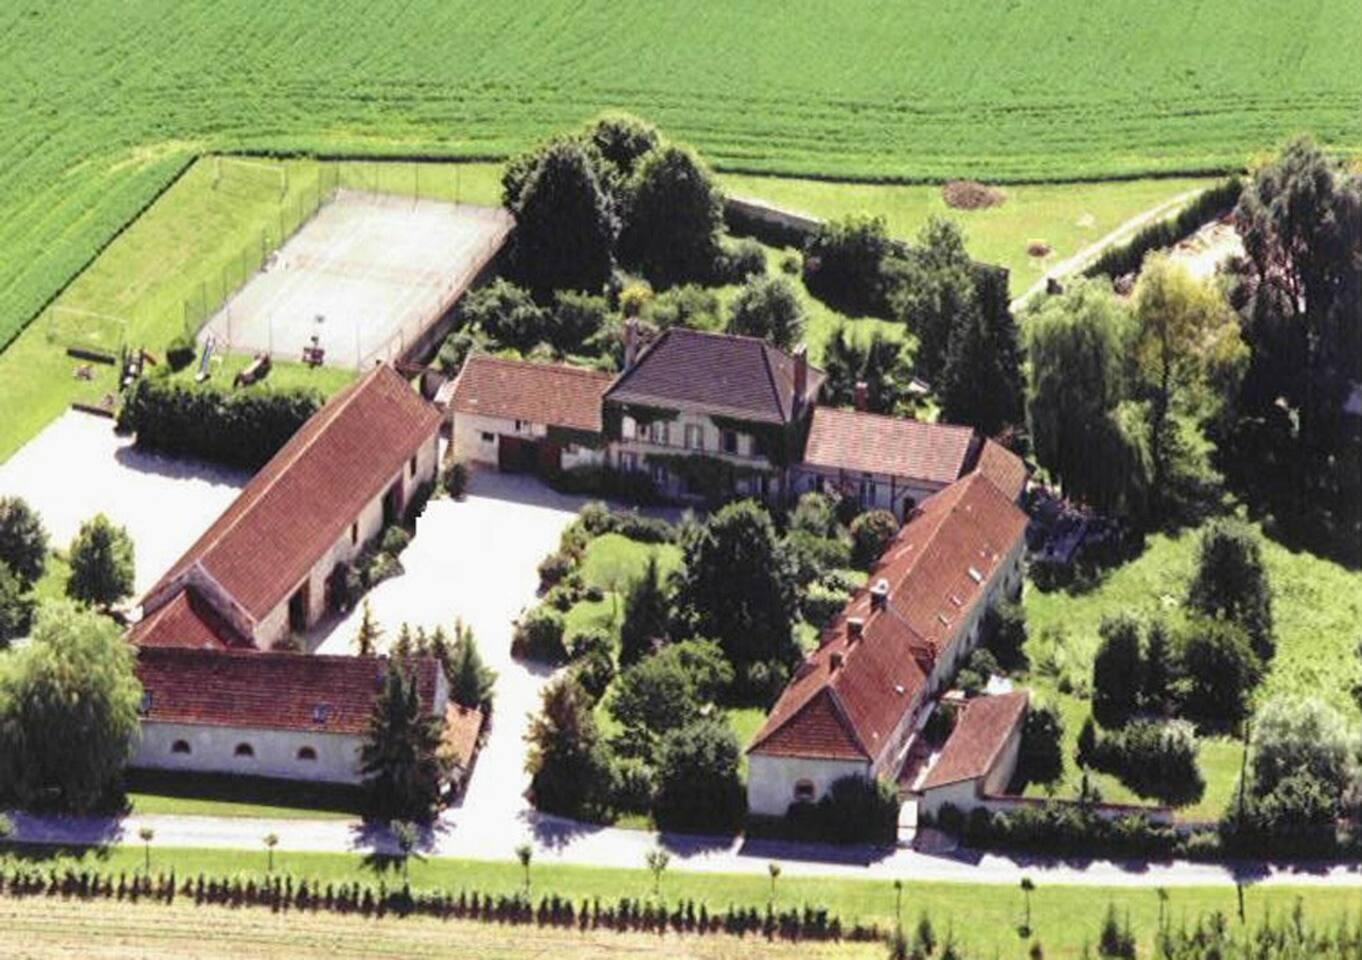 Le gîte se trouve dans l'aile en bas à gauche sur la photo aérienne. Le lieu idéal pour un séjour convivial en famille ou entre amis, pour découvrir la région, visiter les caves des Maisons de Champagne, profiter des dégustations de champagne.